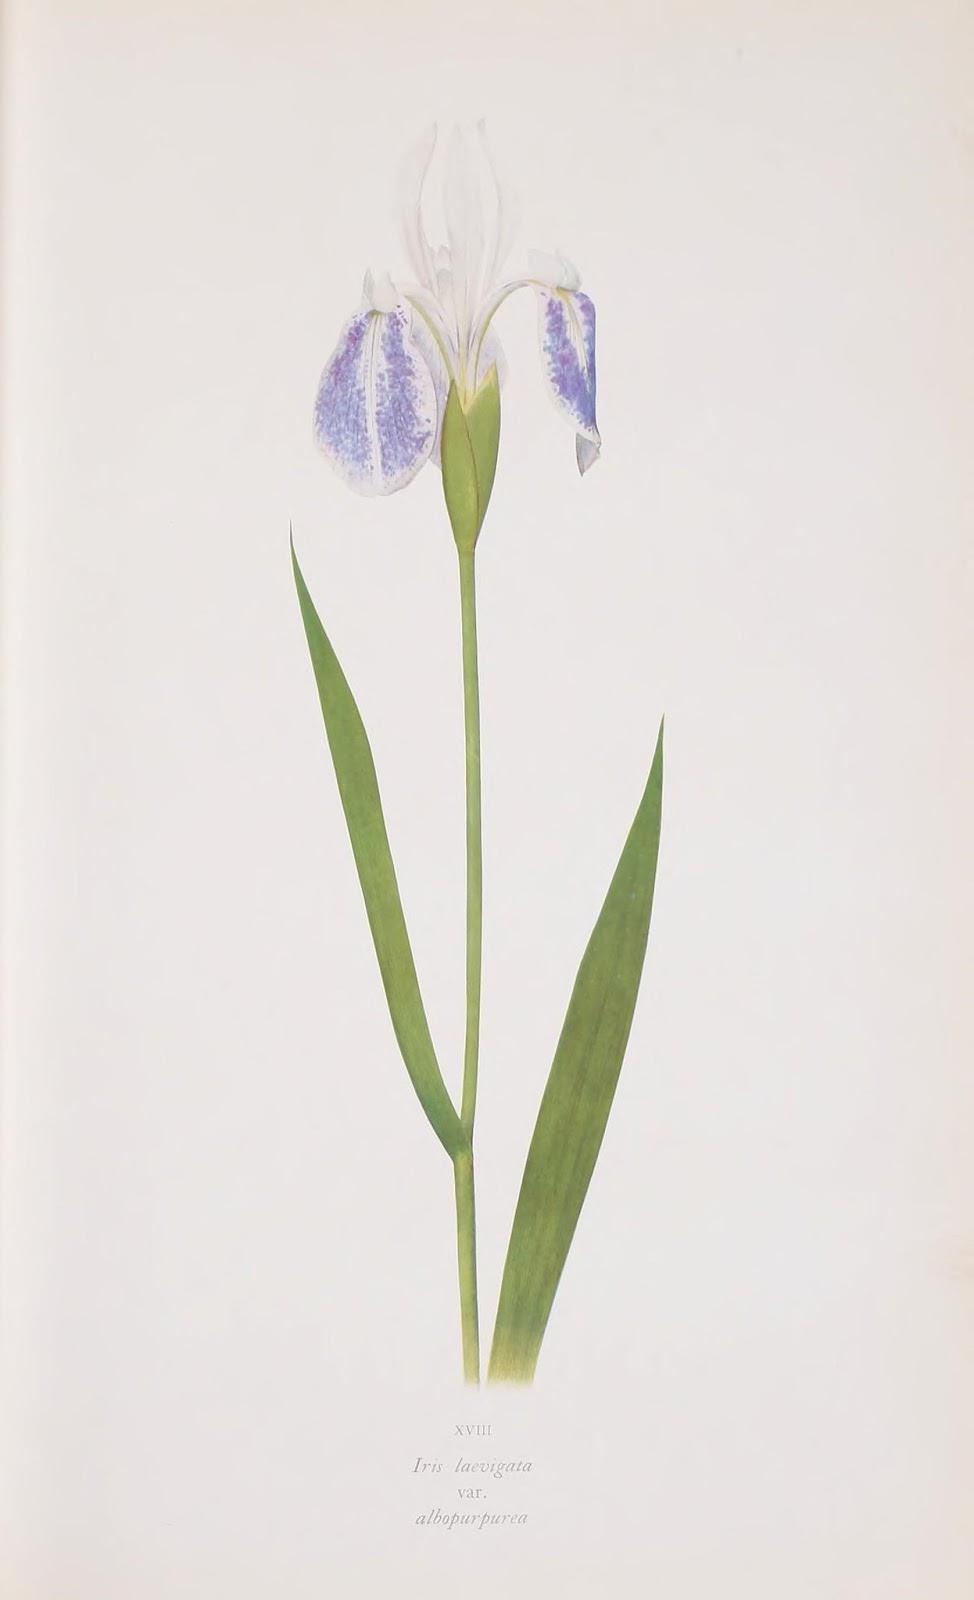 flor de lirio color blanco y azul cielo